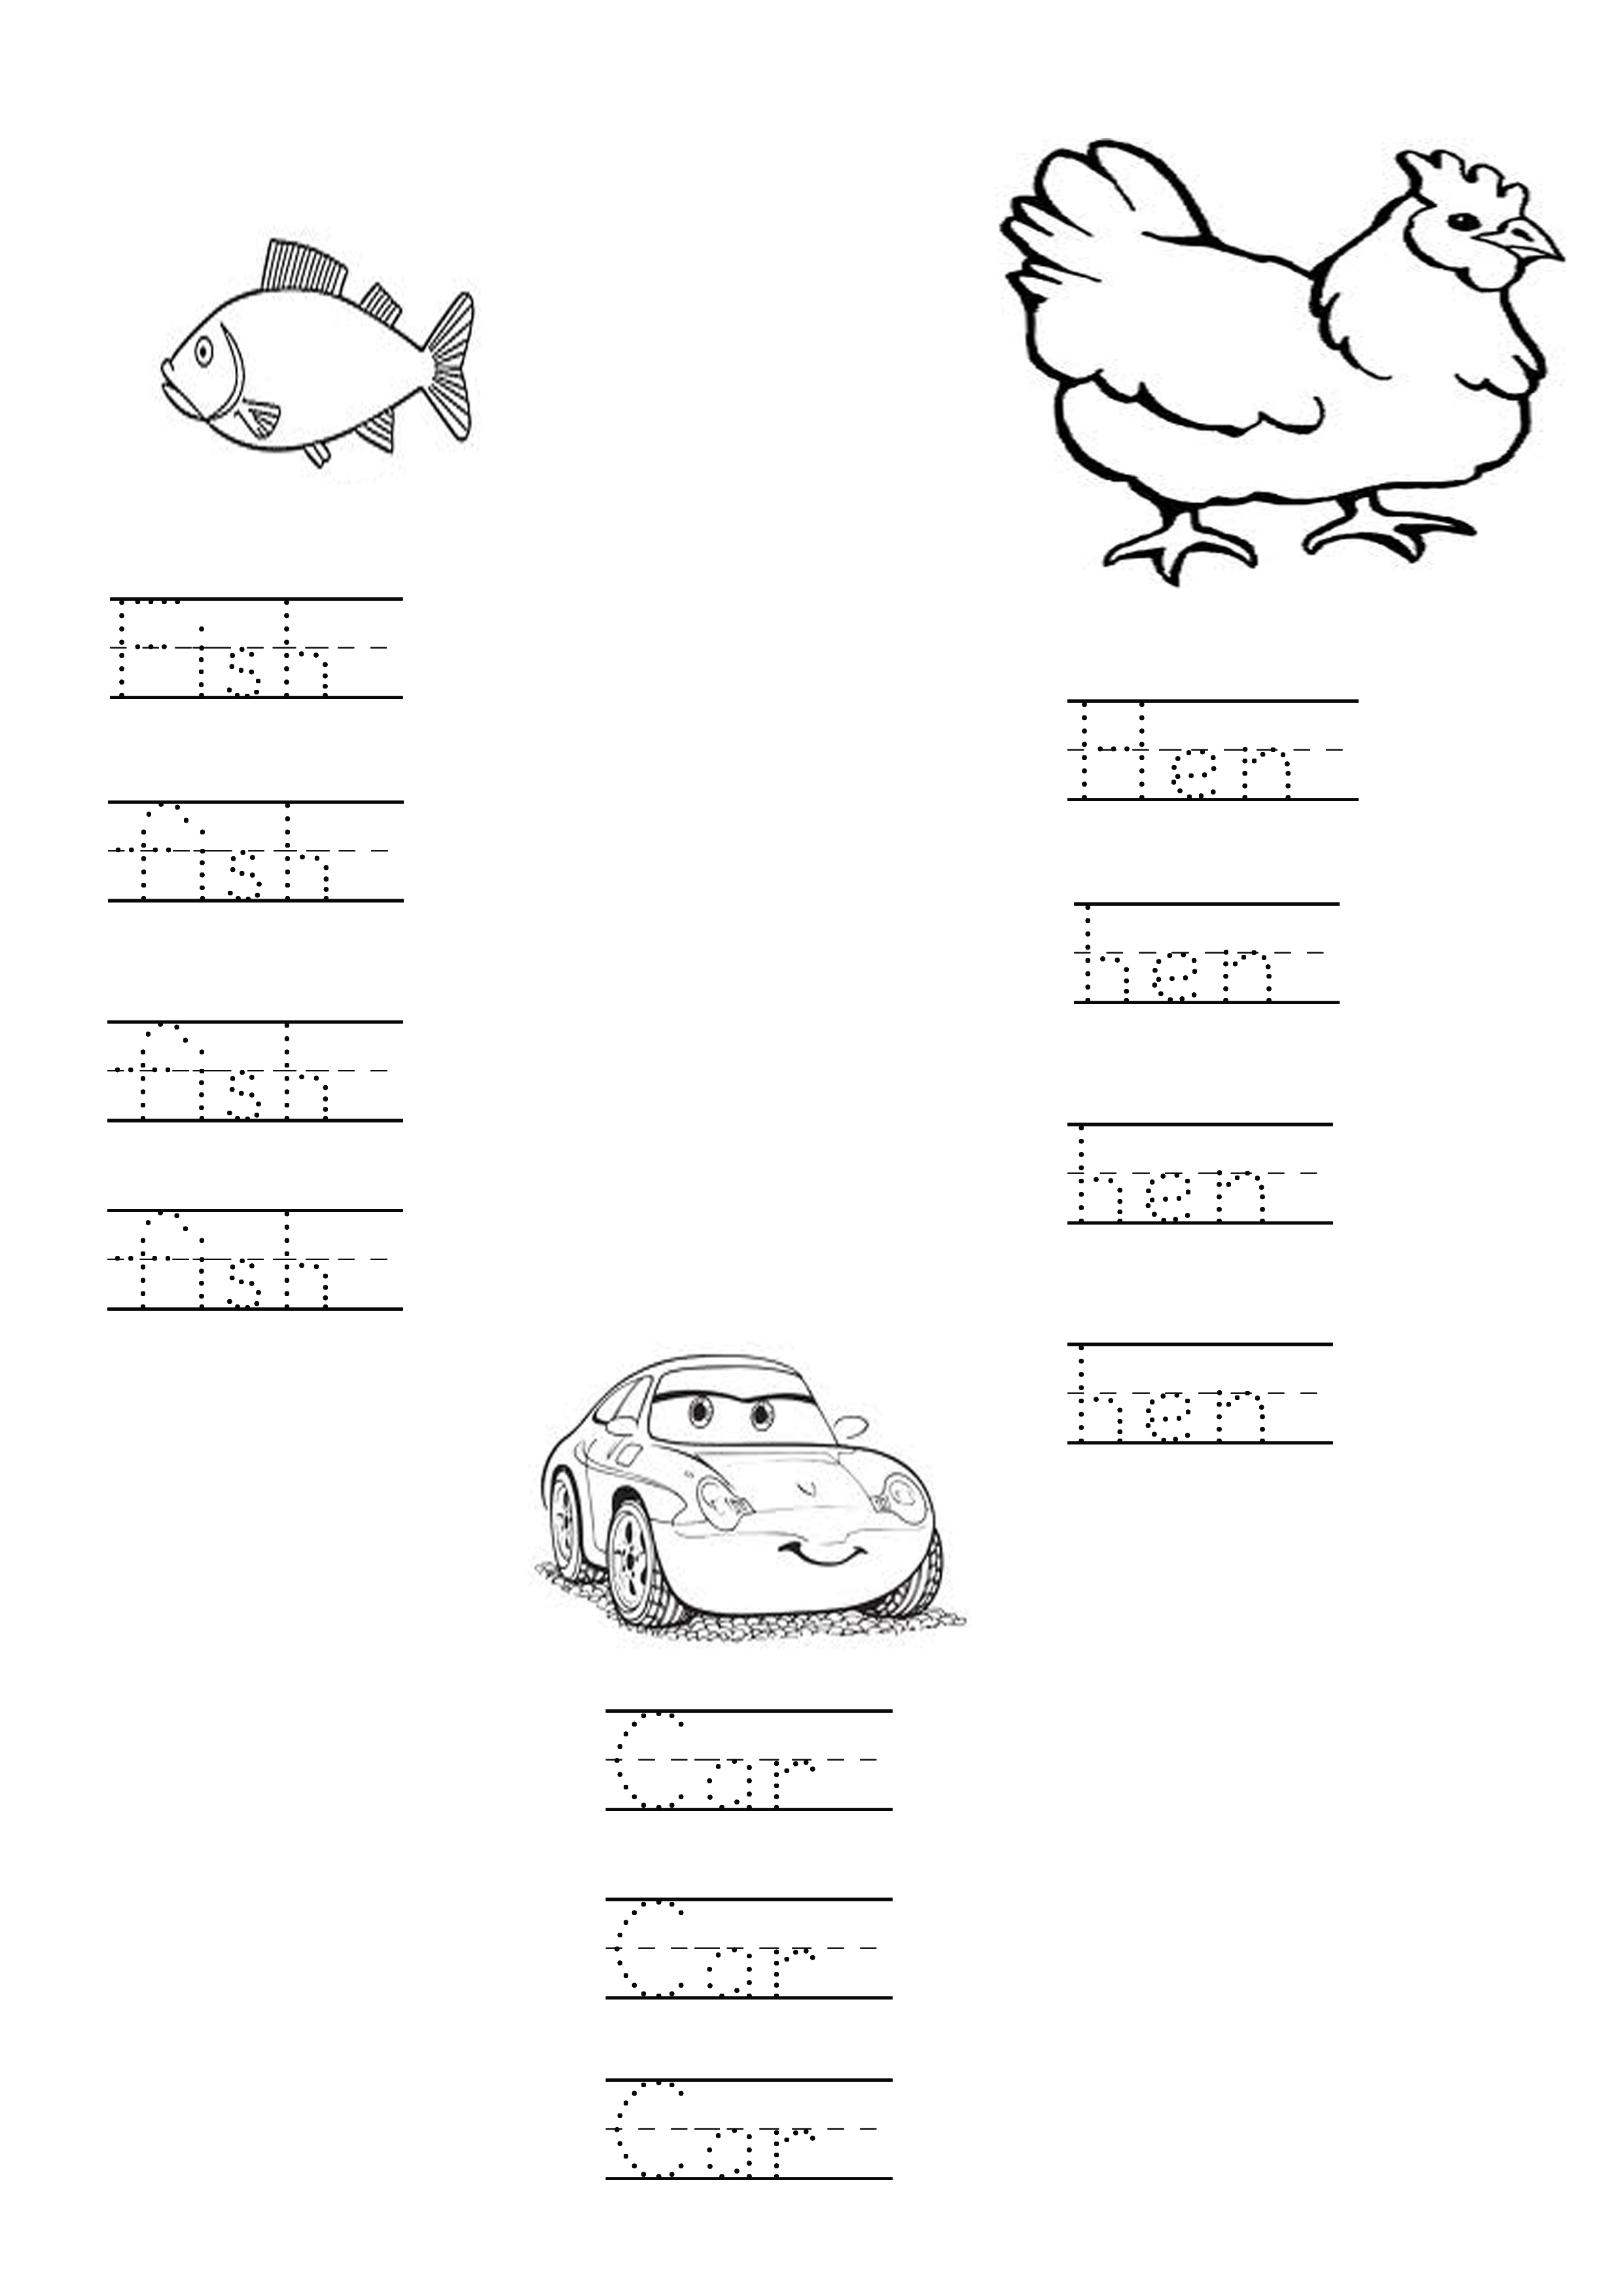 أوراق عمل للغة الإنجليزية رياض أطفال 1462616809152.jpg